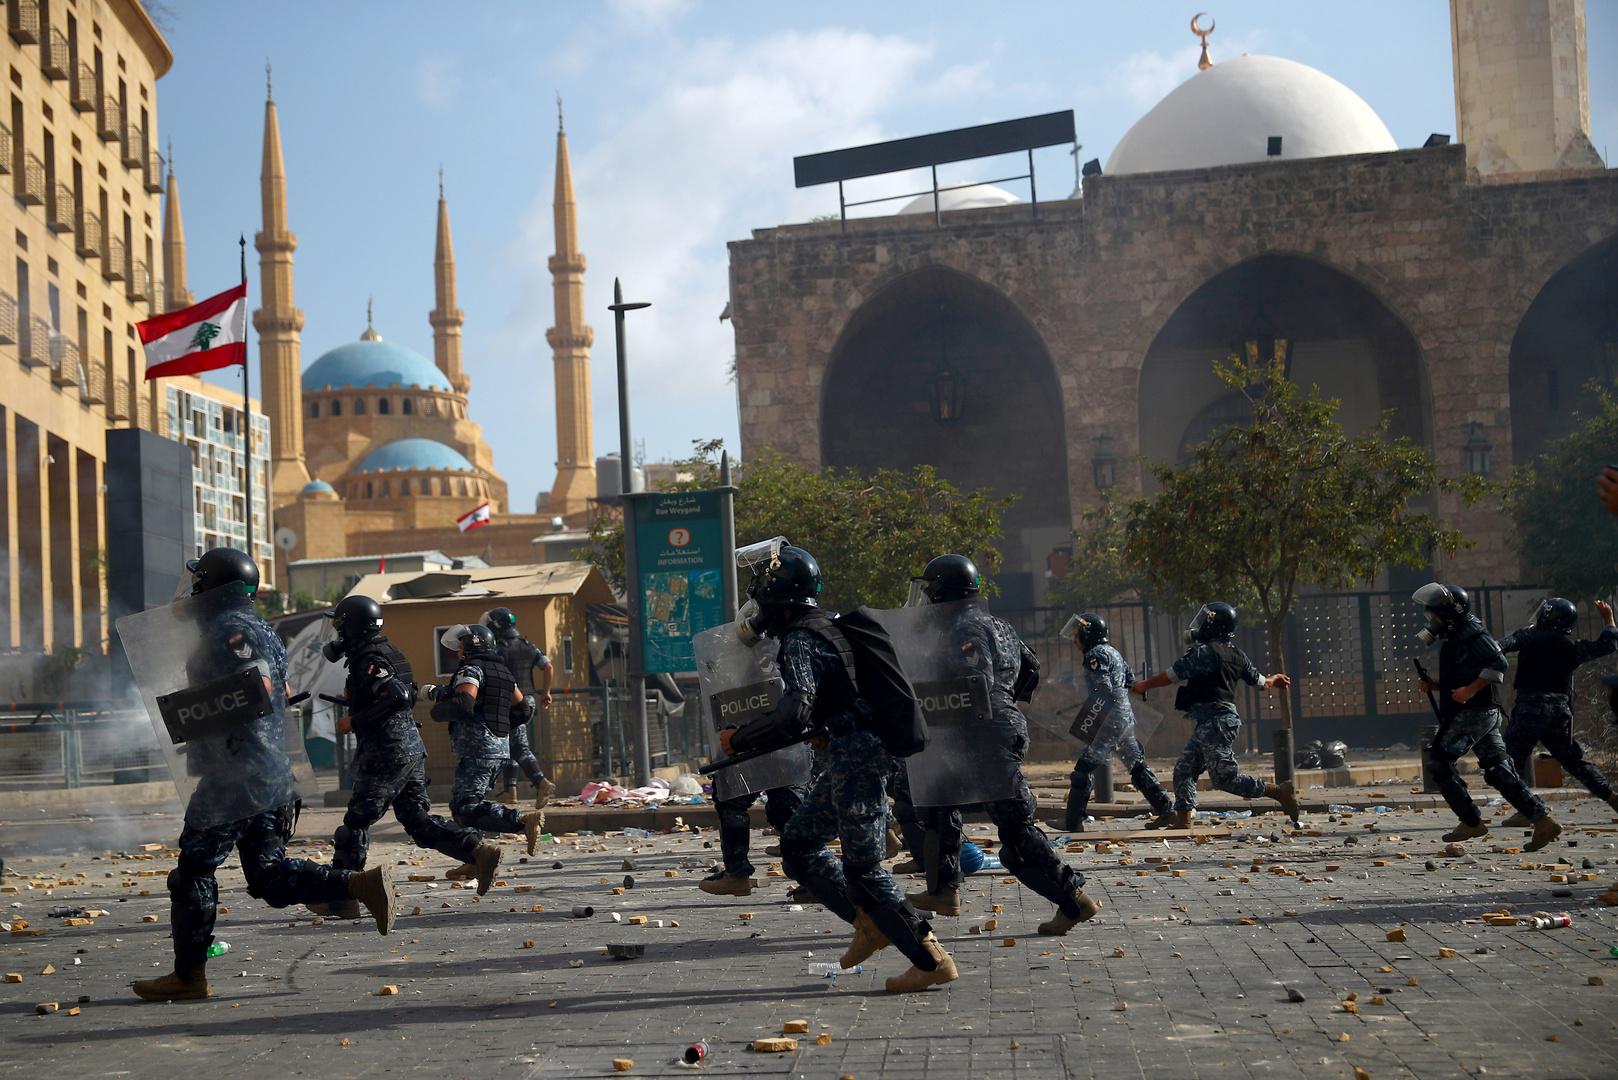 تغطية مباشرة.. اشتباكات بين متظاهرين وقوى الأمن في محيط البرلمان وسط بيروت احتجاجا على انفجار المرفأ